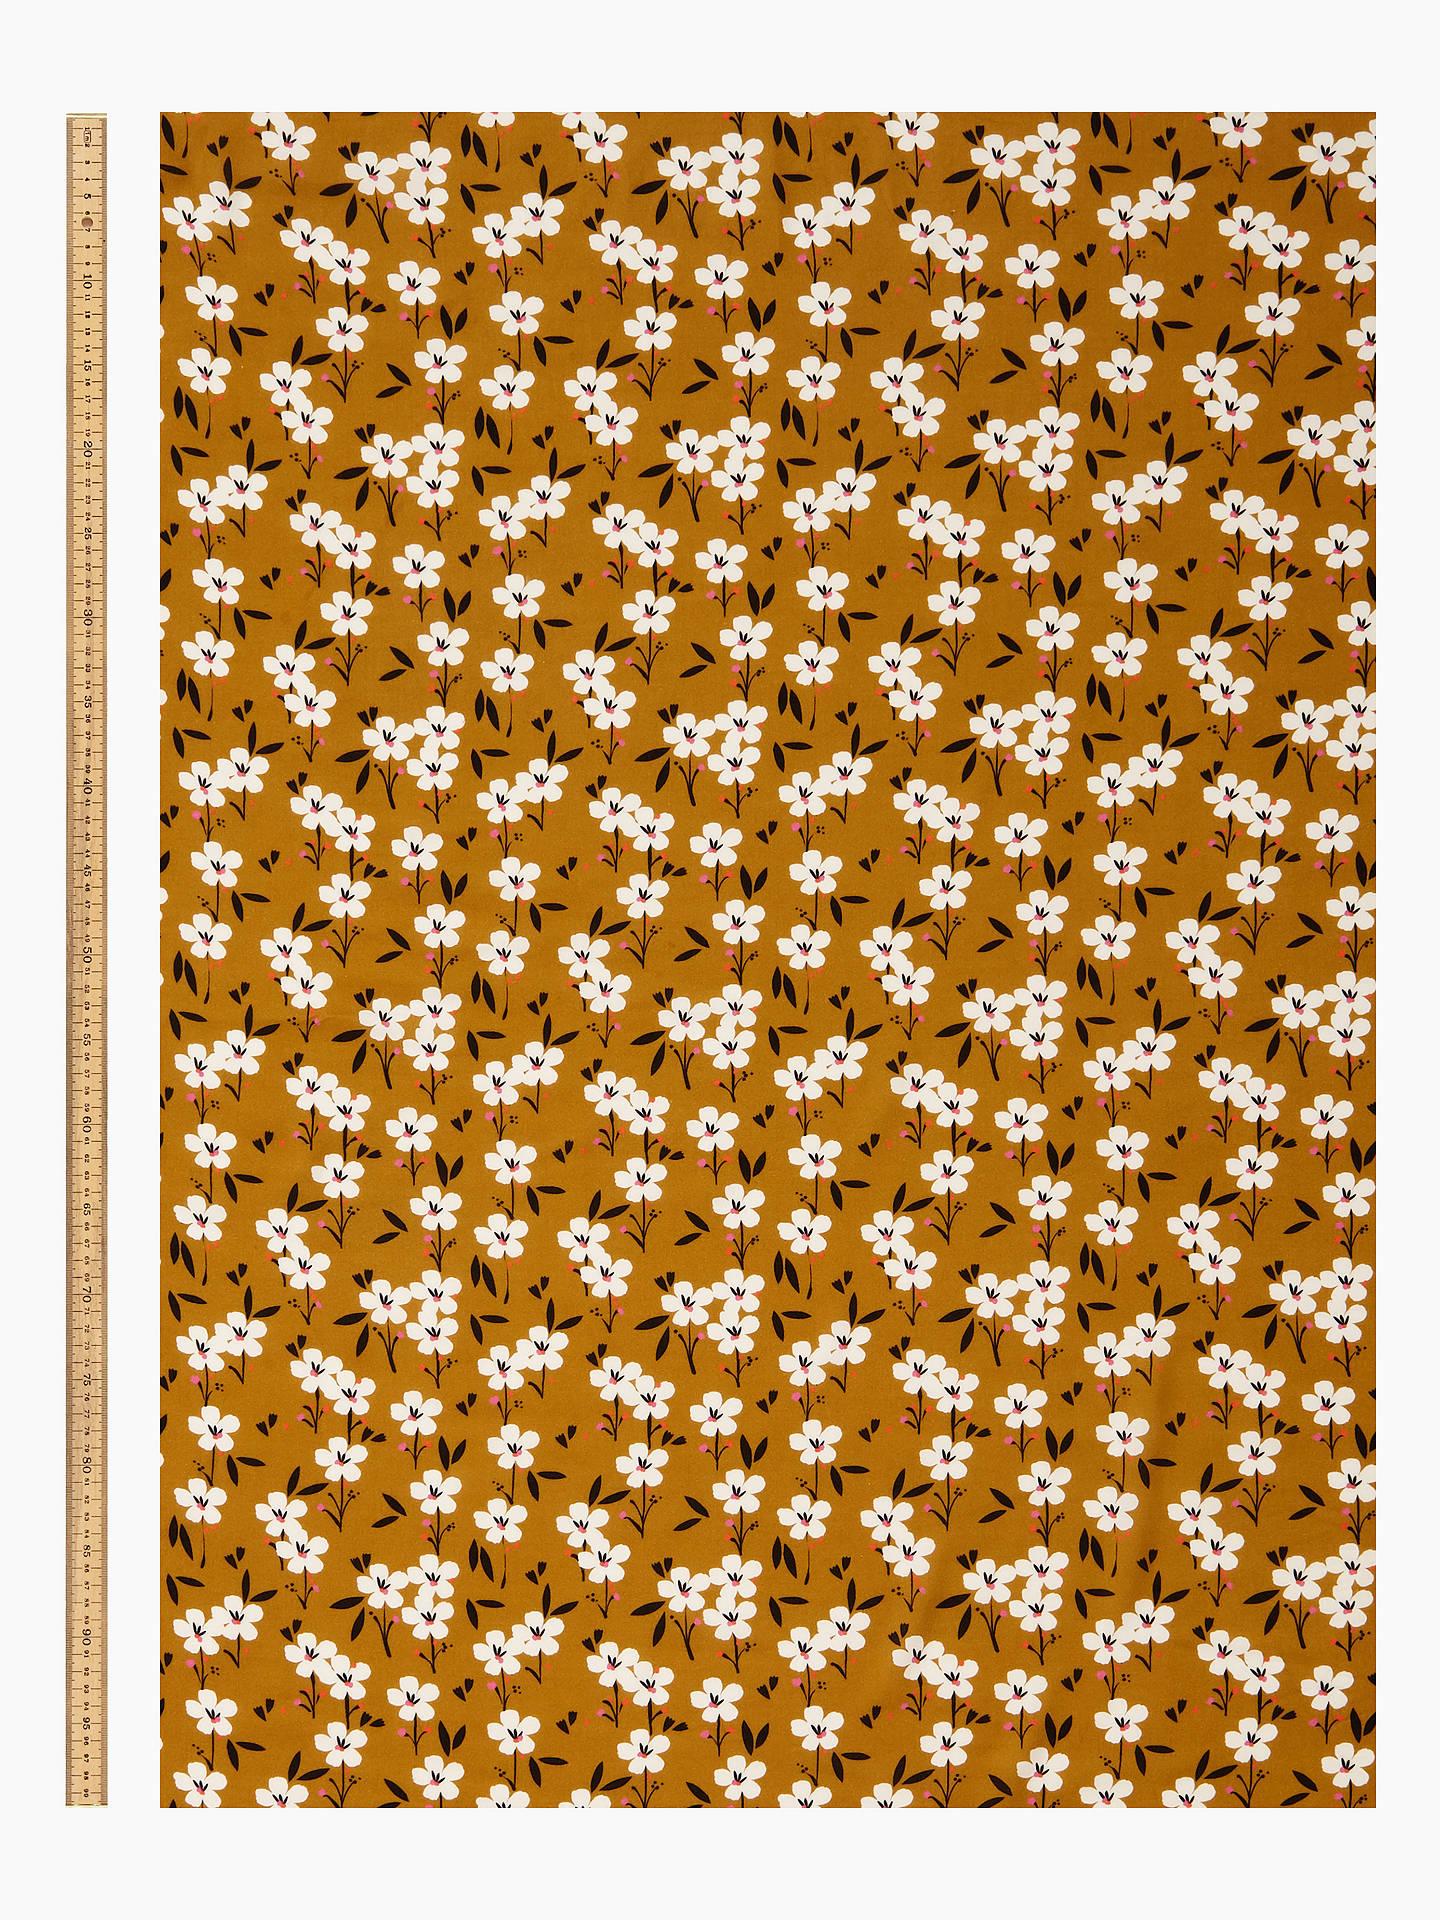 Dashwood Studio White Daisies Print Fabric, Mustard